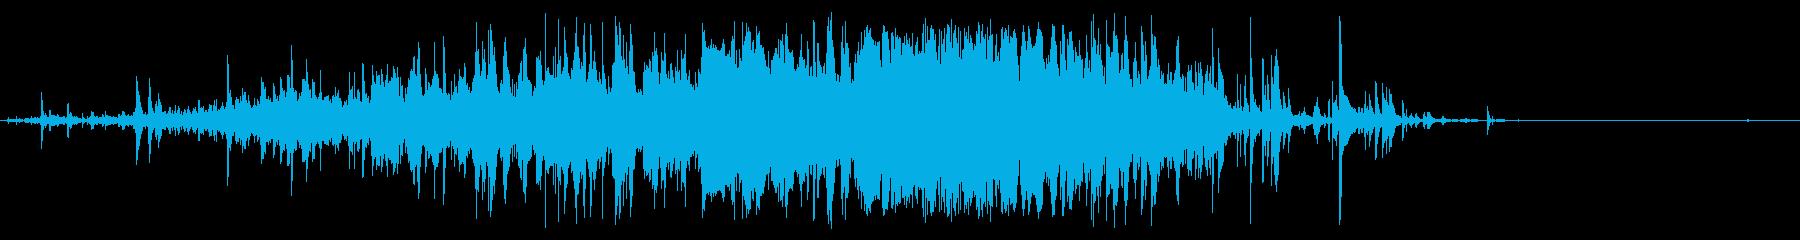 スピリングジャンクとデブリクラッシ...の再生済みの波形